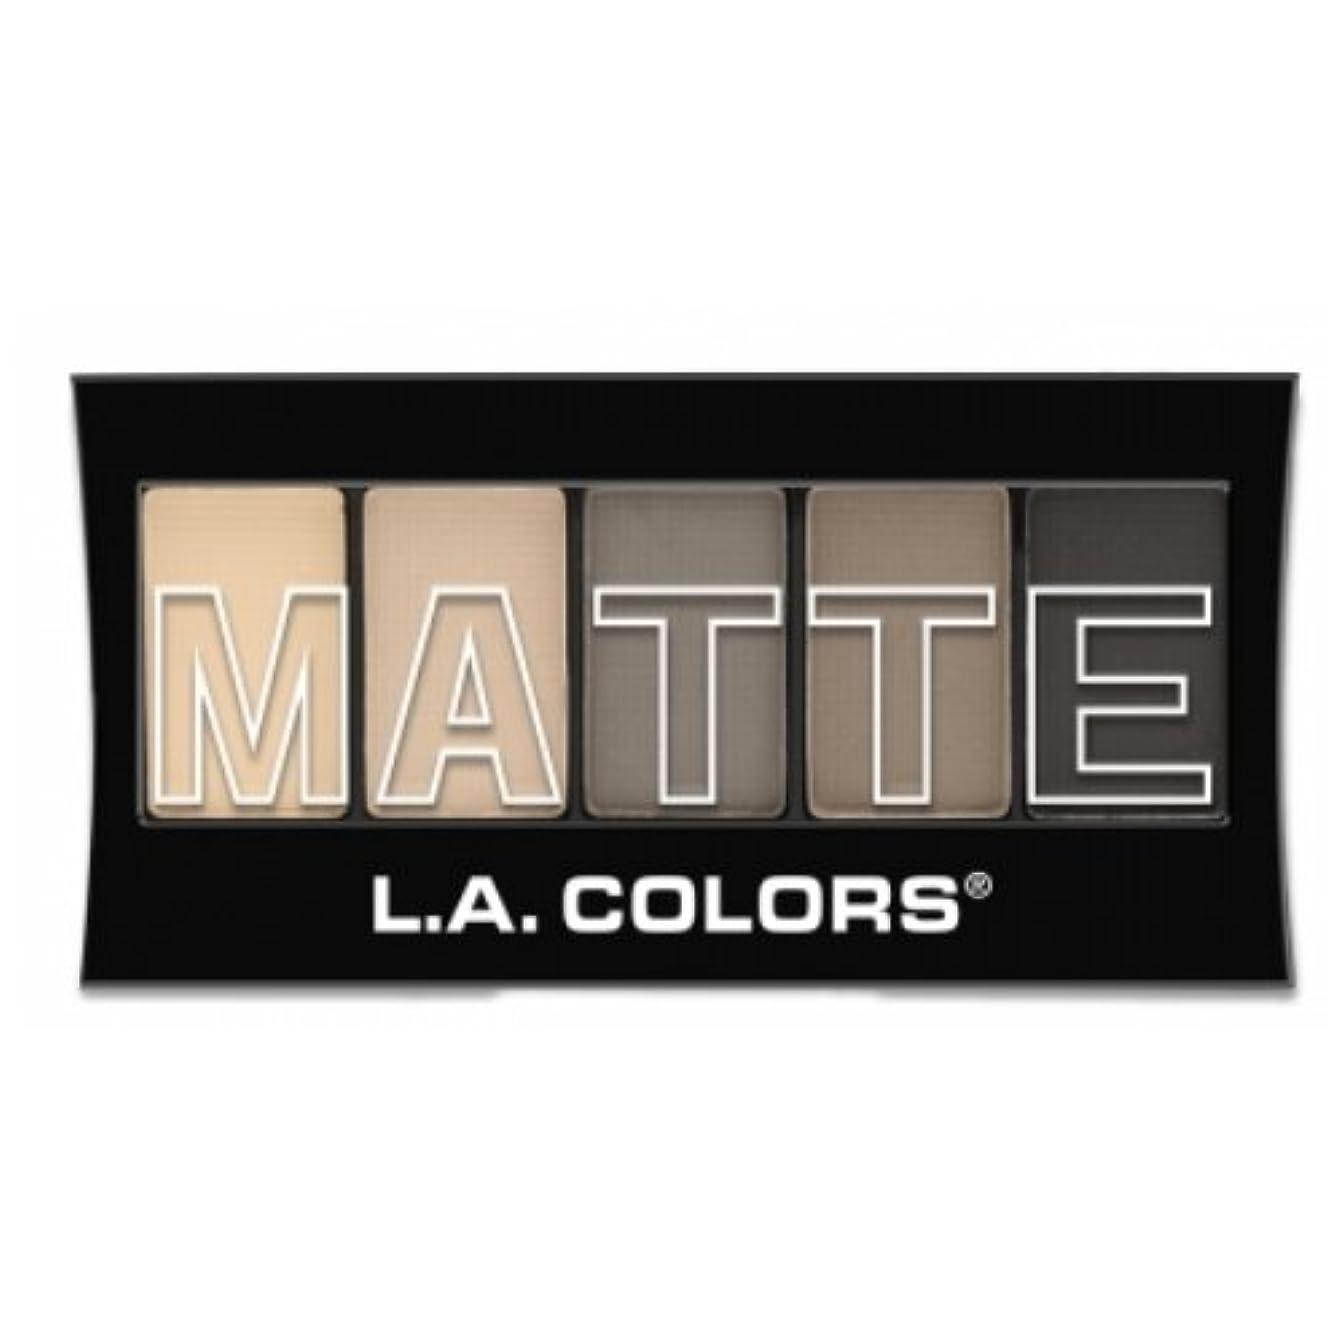 (3 Pack) L.A. Colors Matte Eyeshadow - Nude Suede (並行輸入品)